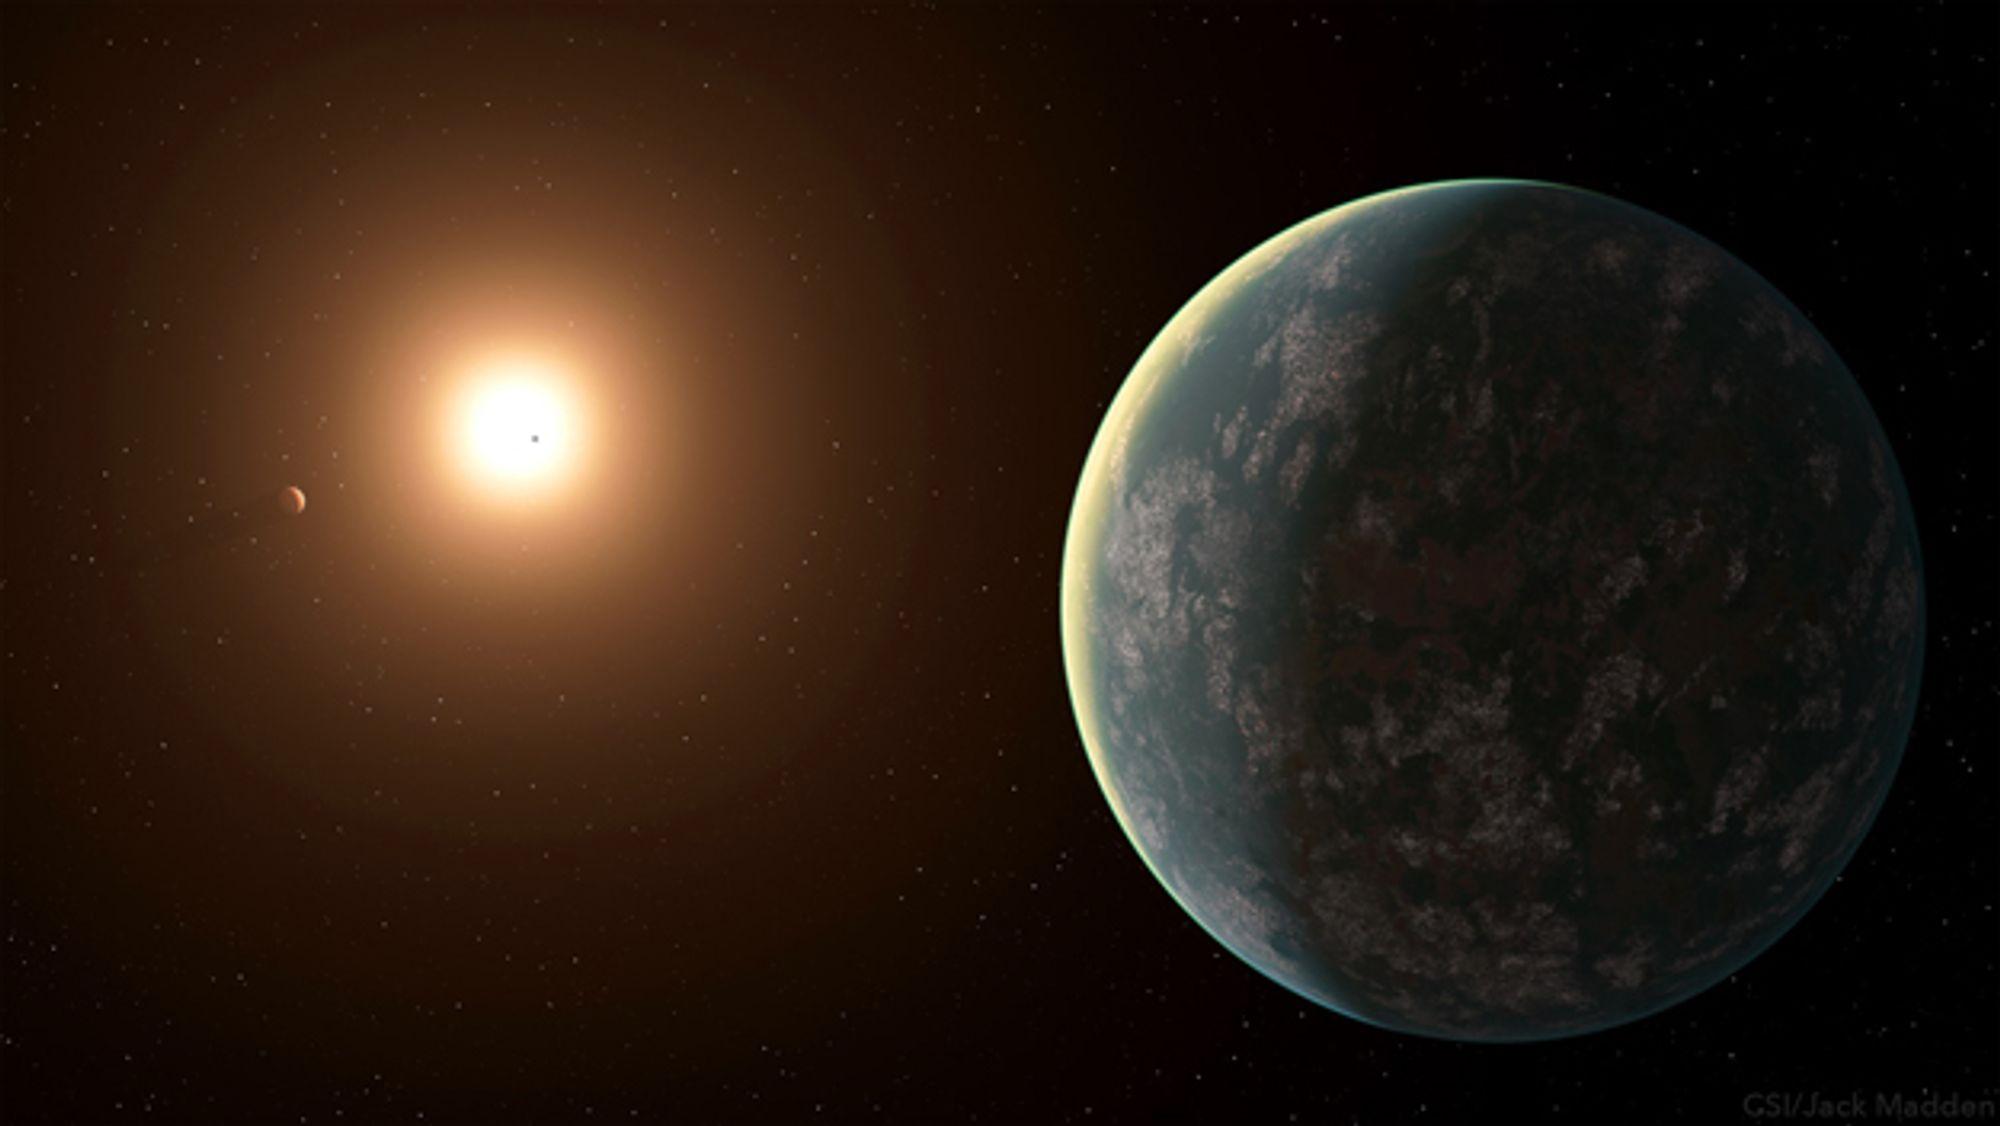 Tre nye planeter har blitt oppdaget i bane rundt GJ 357, en varm stjerne som er om lag en tredel av størrelsen av solen. En av planetene kan være beboelig.